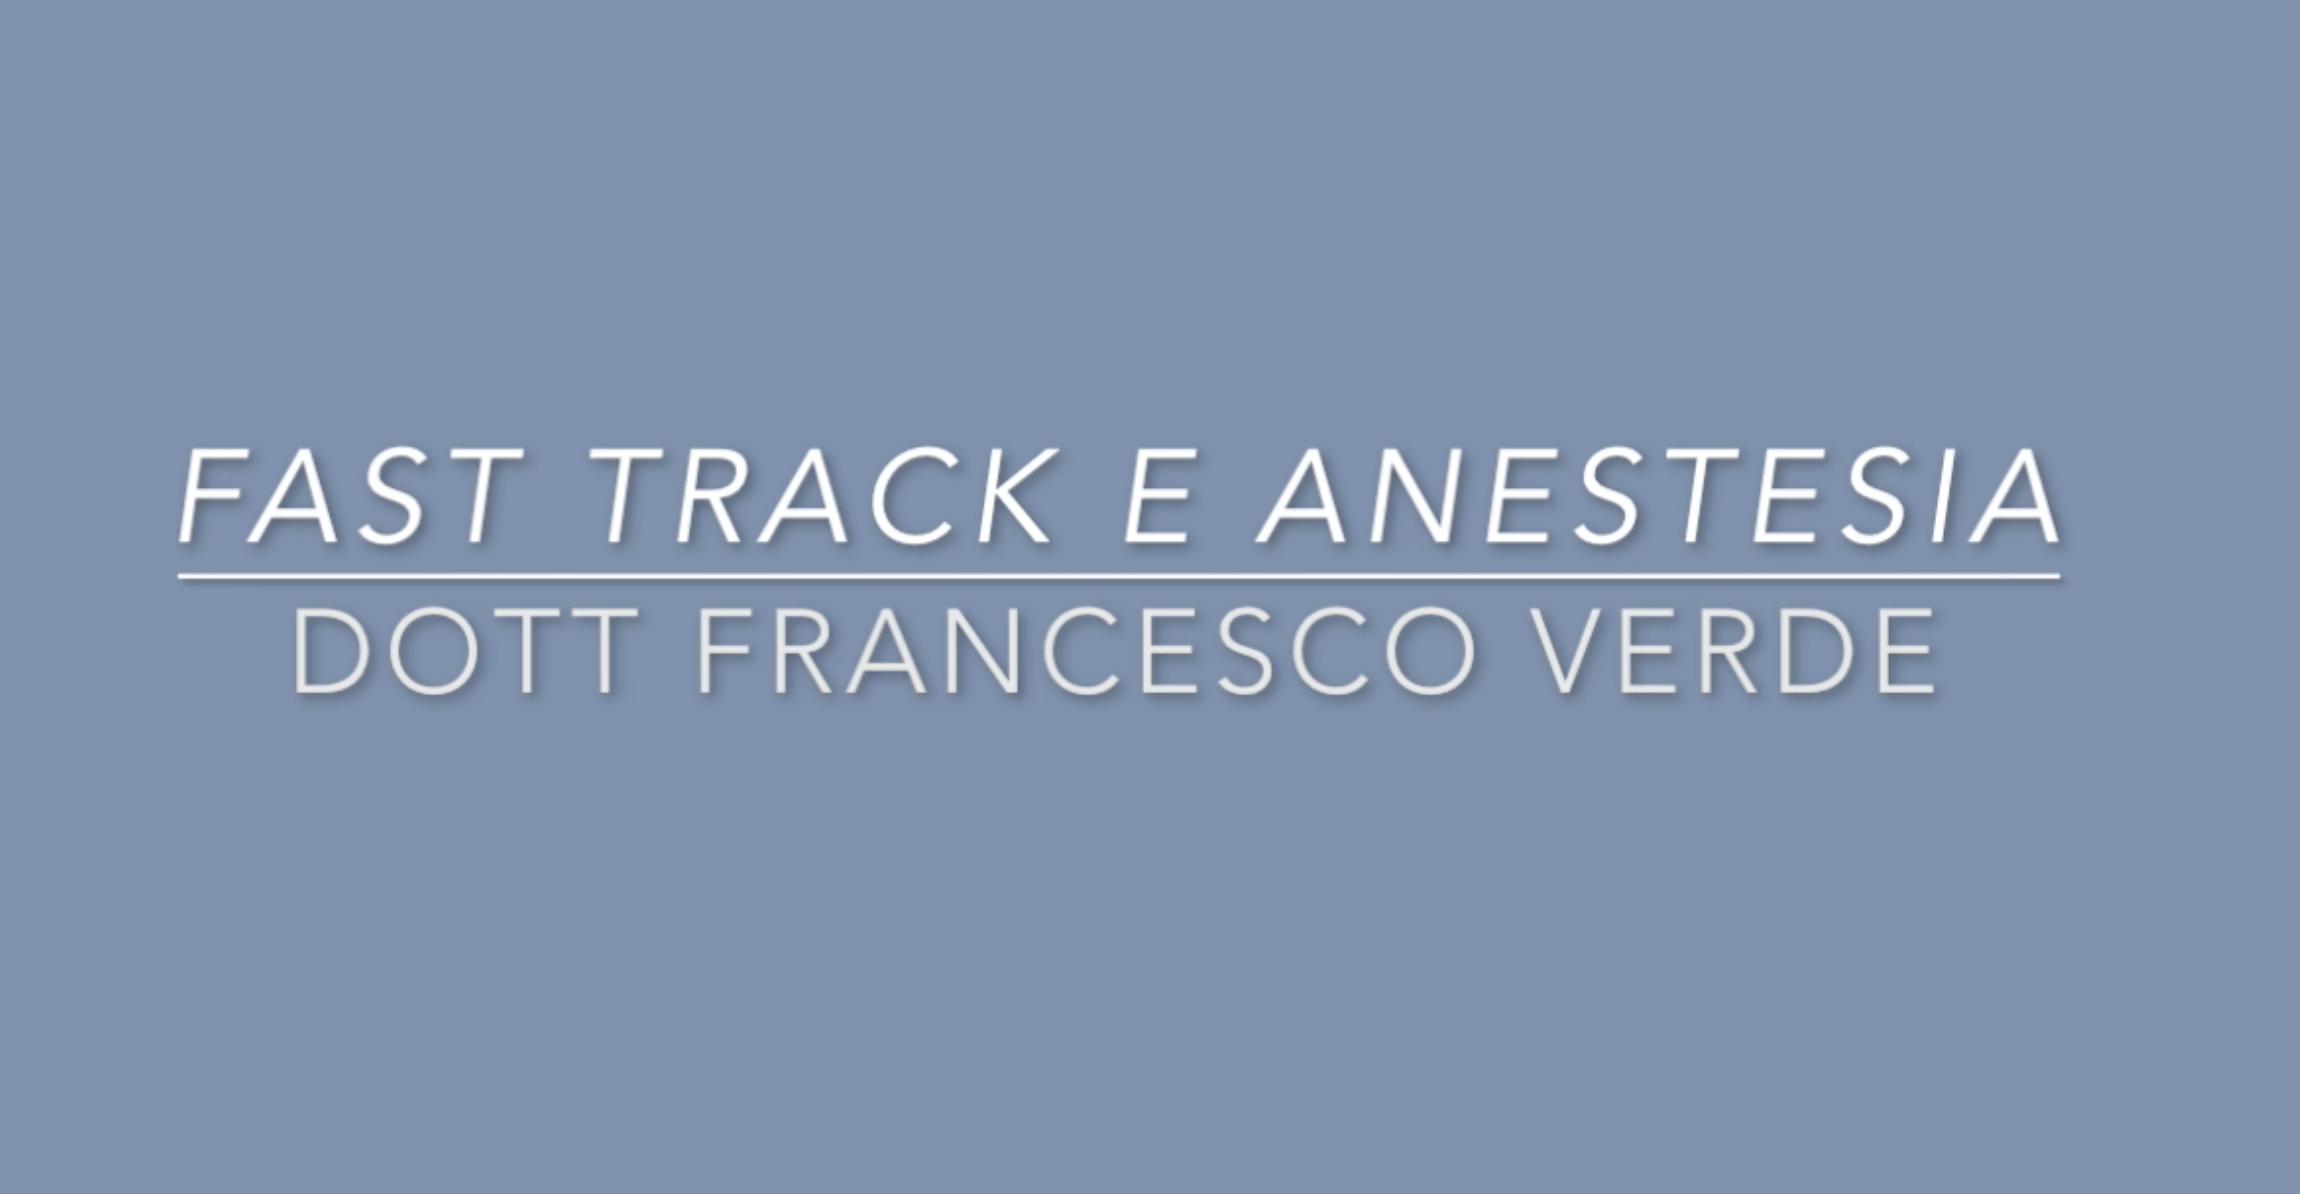 anestesia-Francesco-Verde-fast-track